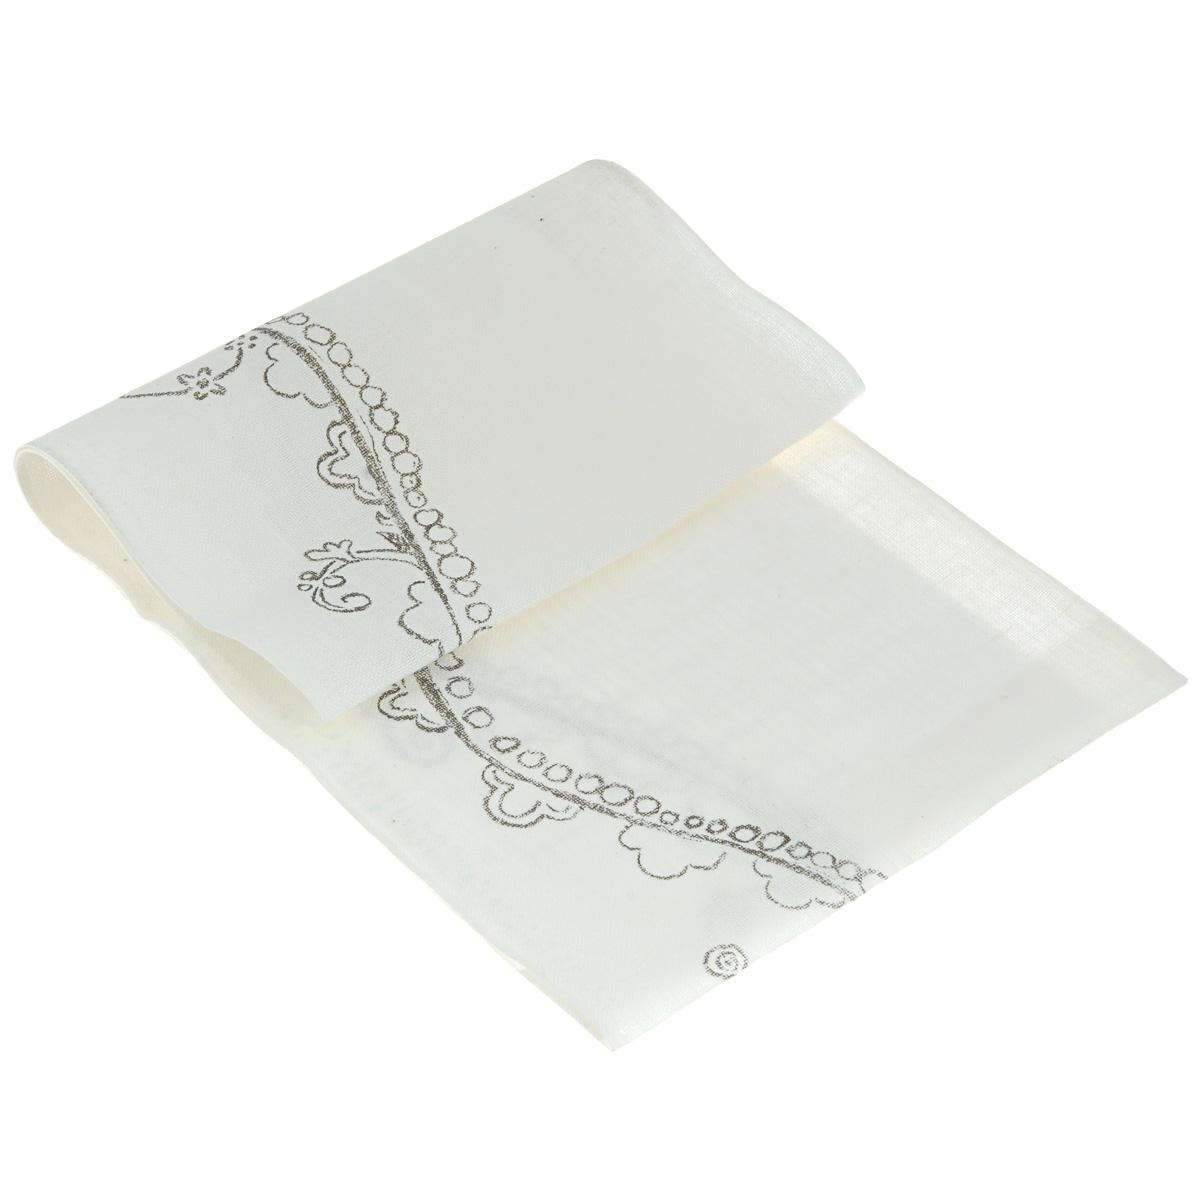 Основа для вышивания крестом или гладью Vaupel & Heilenbeck, с рисунком, цвет: белый, черный, 24 см х 100 см7043-240-90028Основа для вышивания крестом или гладью Vaupel & Heilenbeck представляет собой 11-ти ниточную дорожку, выполненную из 100% льна. Изделие декорировано красивым узором. Воплотите свои идеи на этой основе для вышивания! Дорожка, украшенная своими руками, дополнит интерьер любого помещения, а также сможет стать изысканным подарком для ваших друзей и близких.